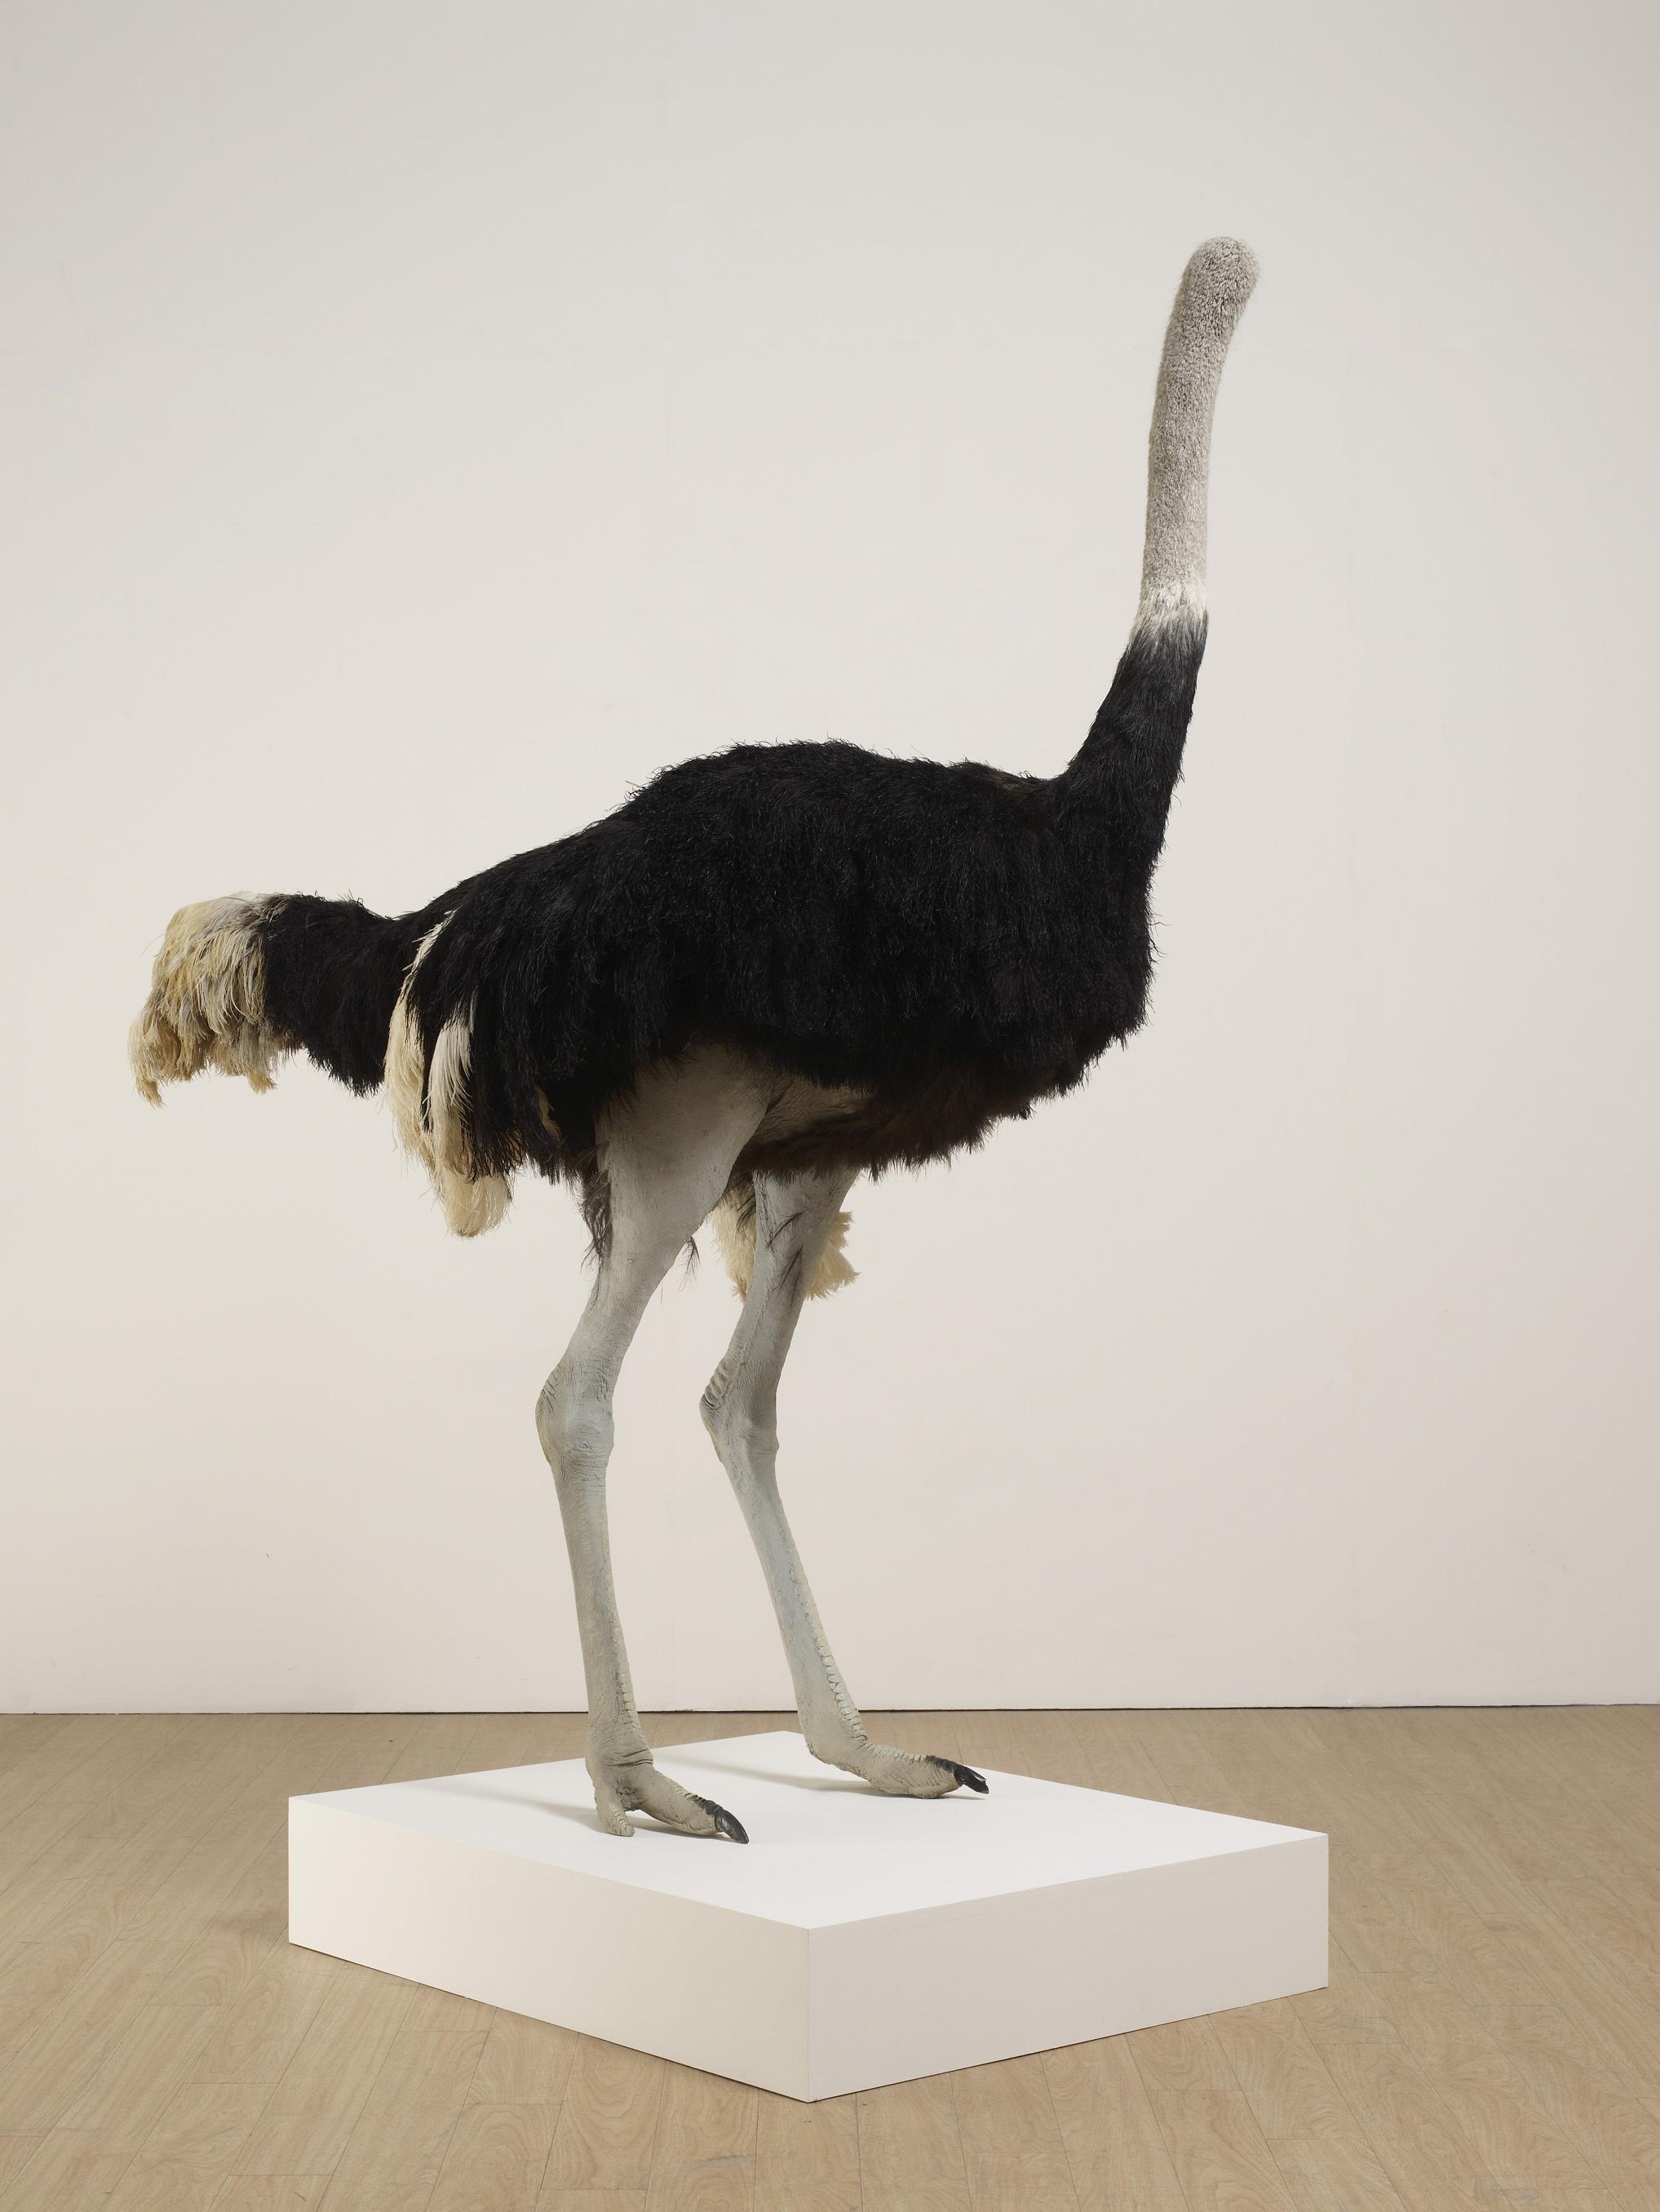 デイヴィッド・シュリグリー「ダチョウ」2009 Courtesy: Artist and the British Council Collection 撮影: Stephen White